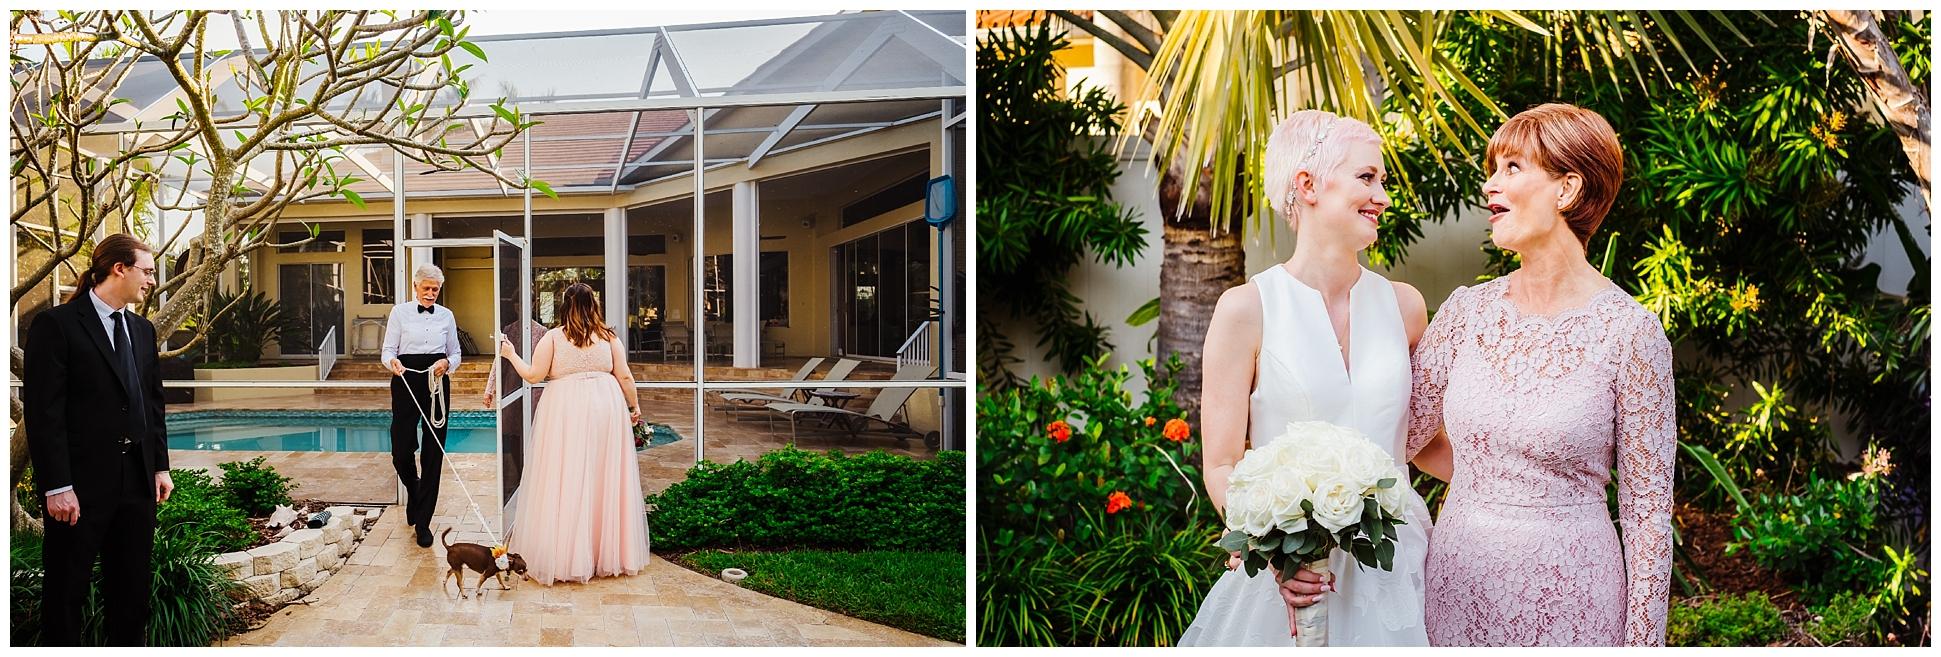 tierra-verde-st-pete-florida-home-luxury-wedding-greenery-pink-pixie-bride_0037.jpg